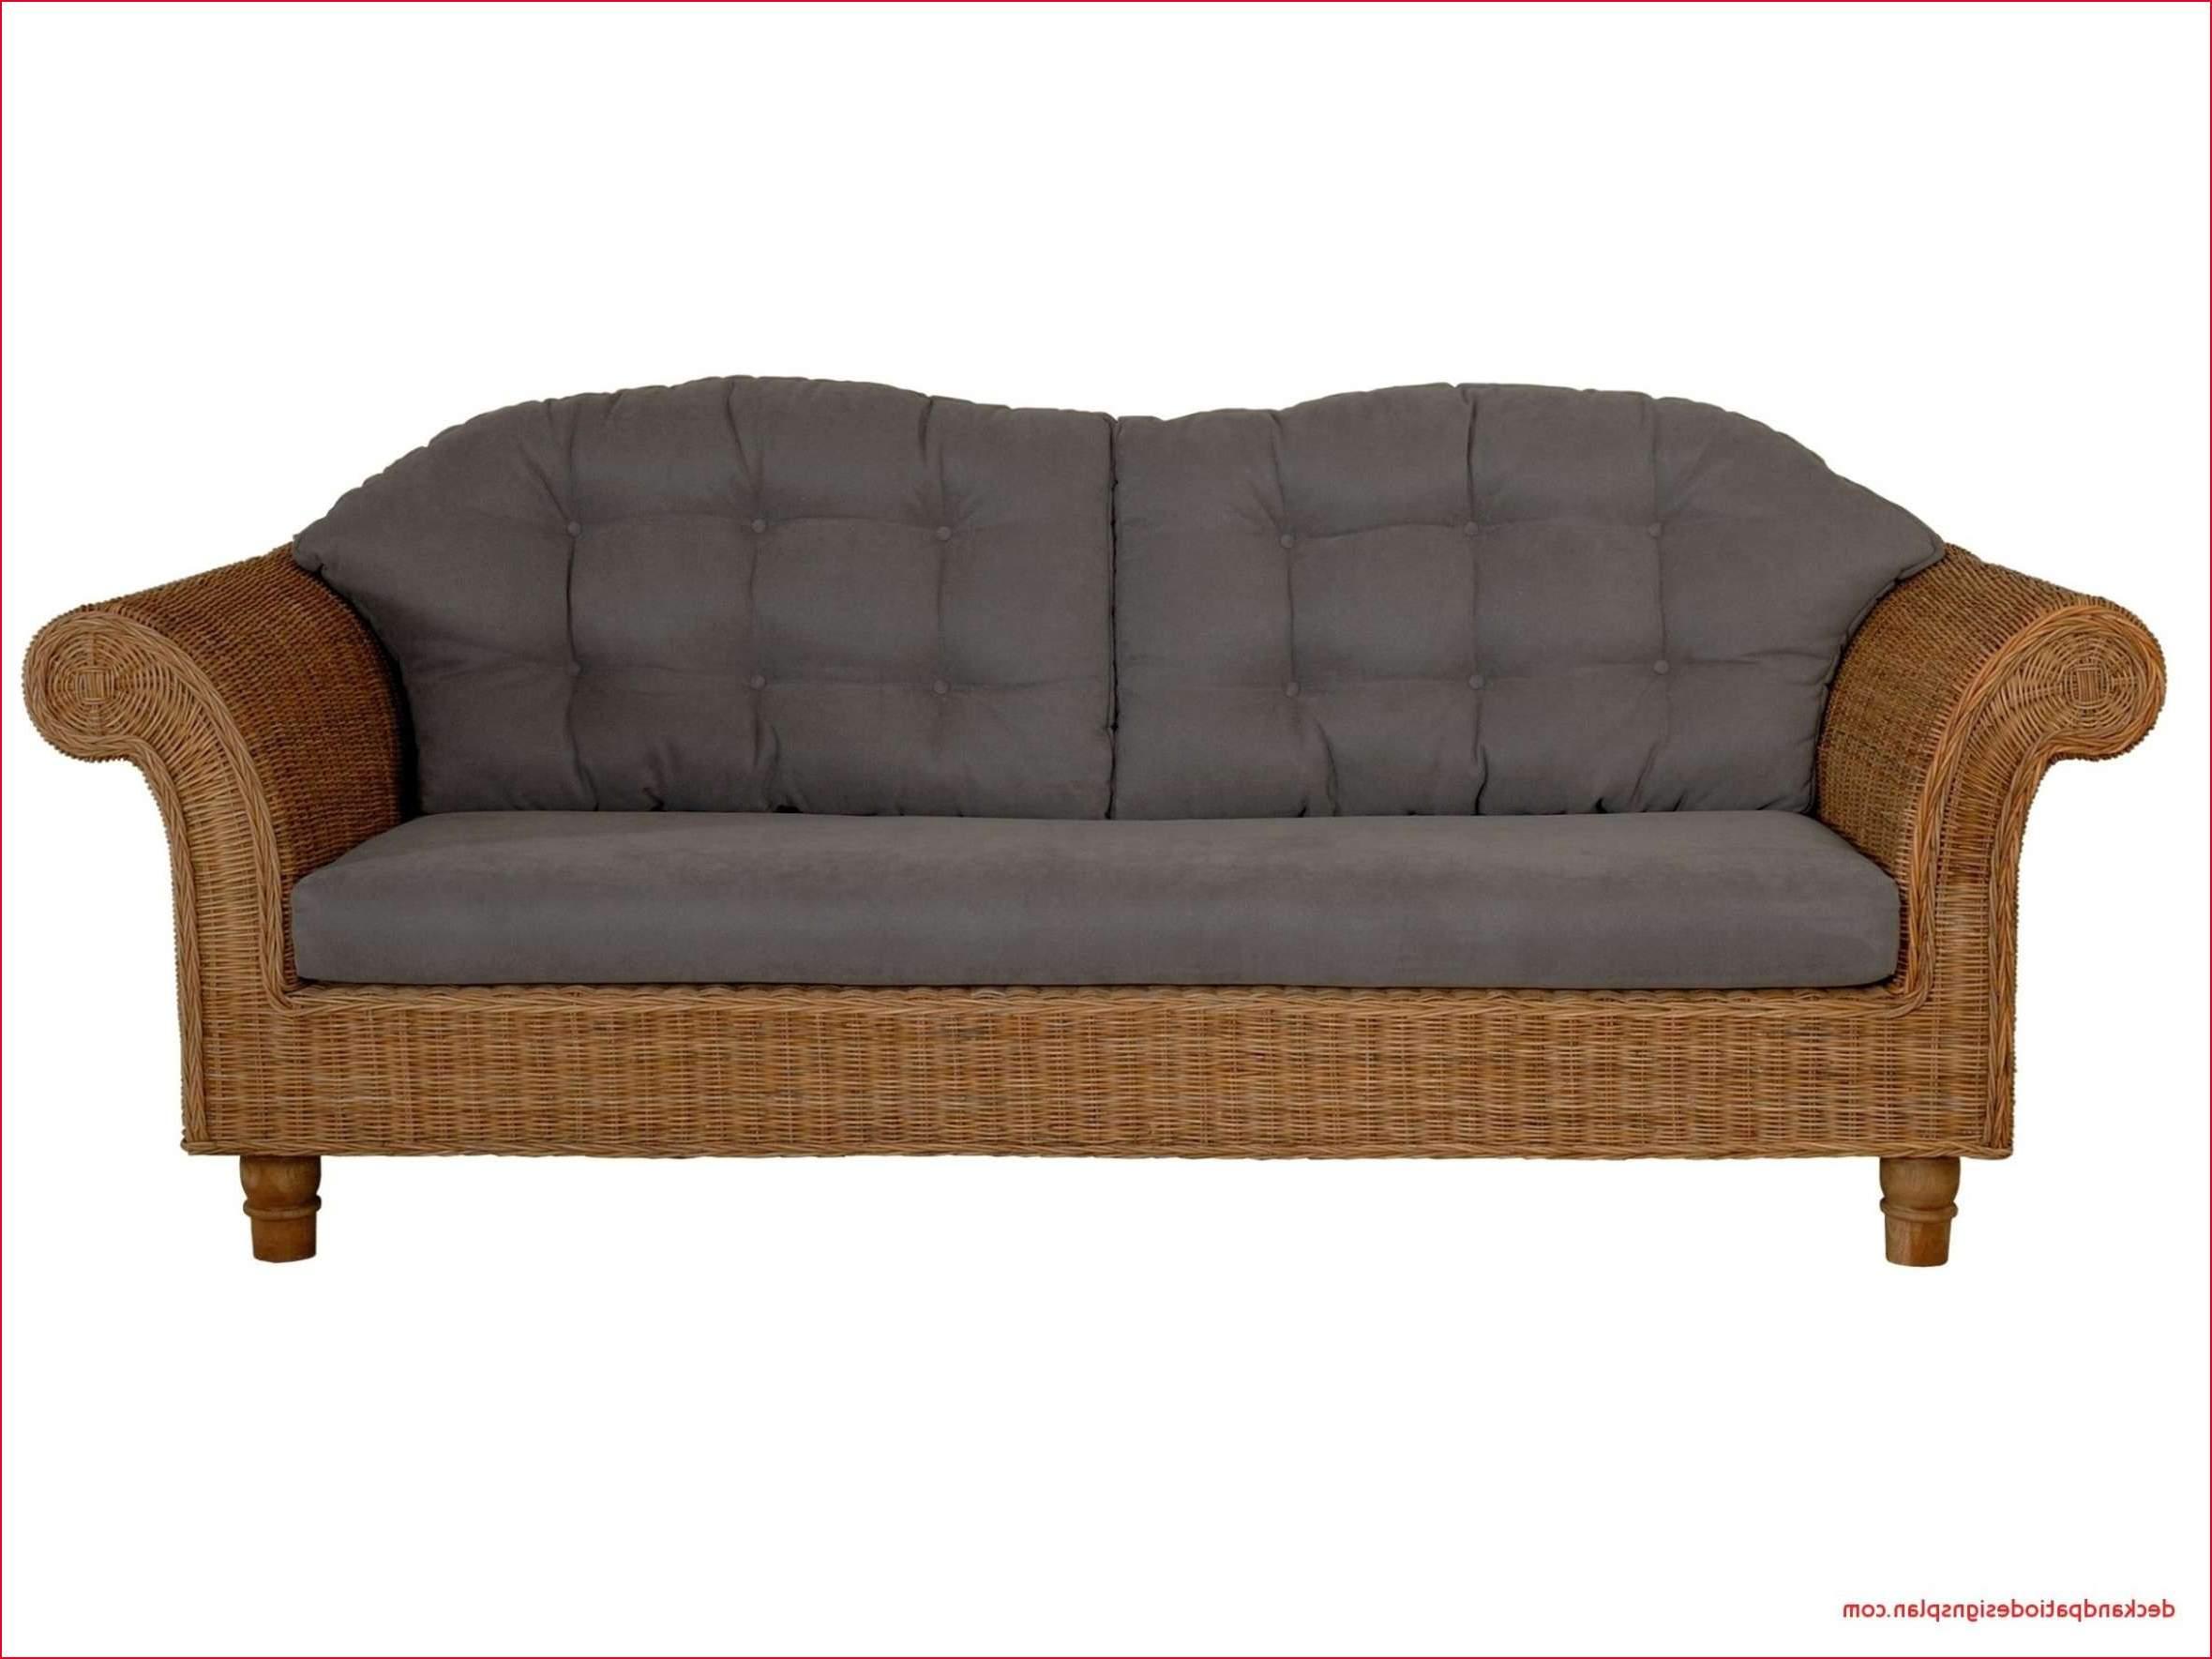 Full Size of Garten Lounge Mbel Reduziert Das Beste Von 48 Loungemöbel Holz Ikea Küche Kosten Ecksofa Sessel Gaskamin Trennwände Beistelltisch Feuerstellen Im Wohnzimmer Ikea Liegestuhl Garten